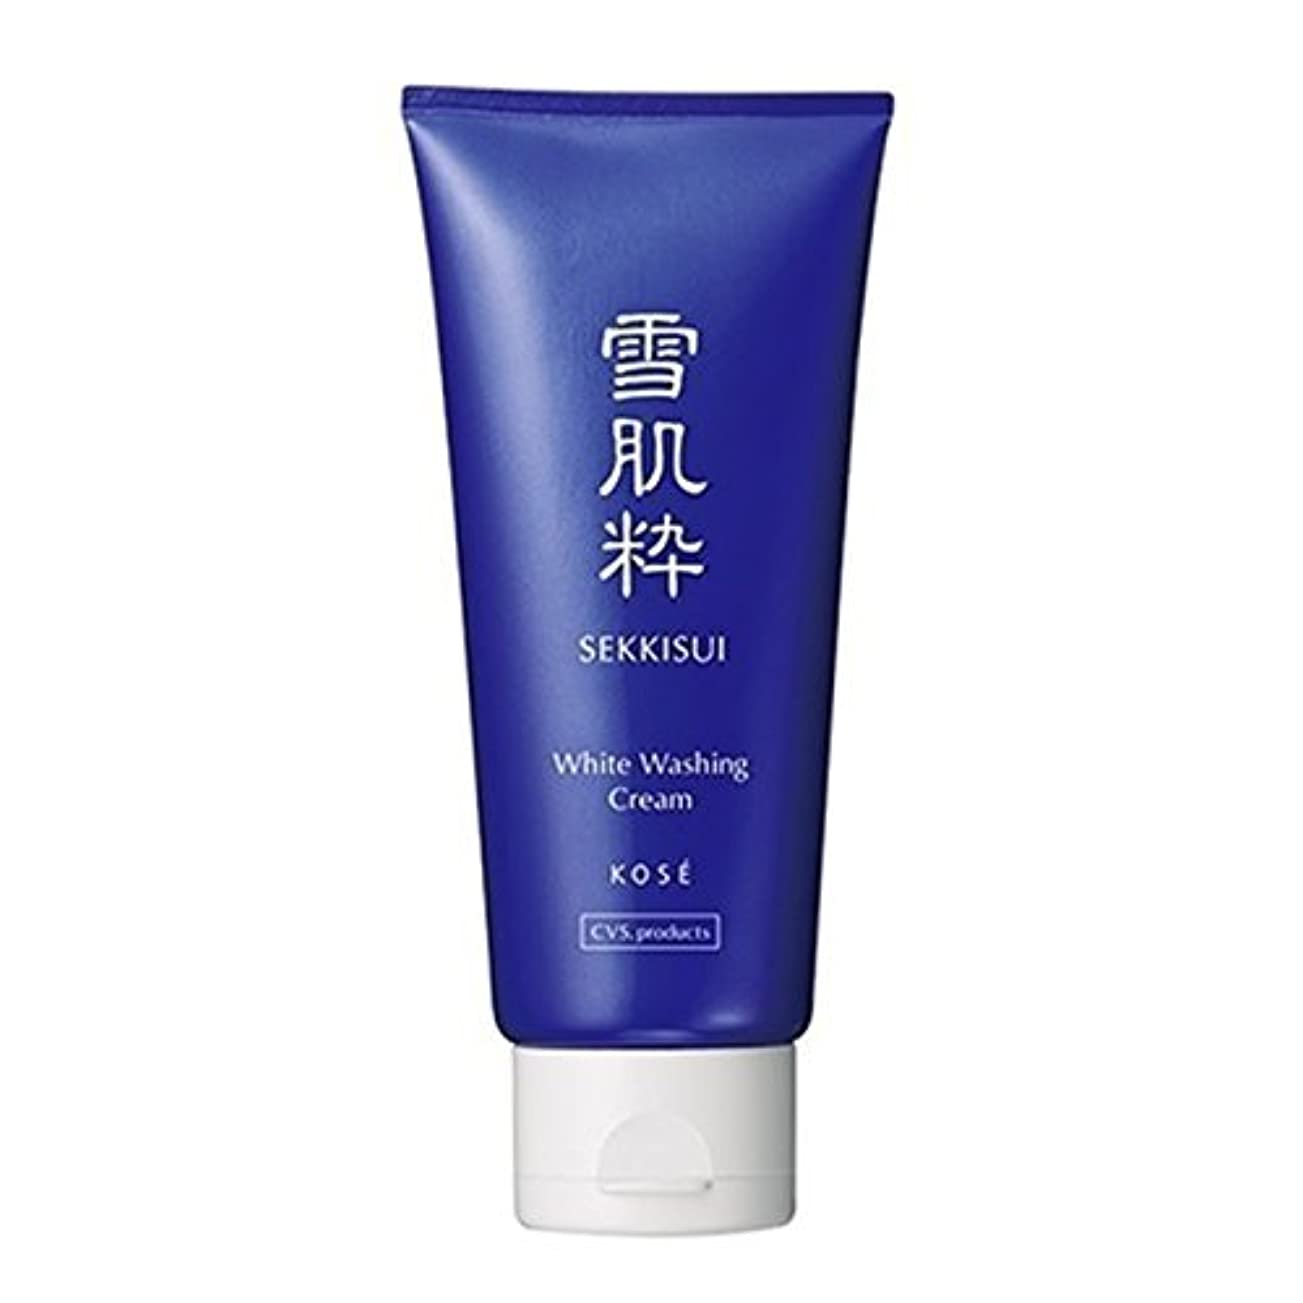 重くするリビングルーム市長コーセー 雪肌粋 ホワイト洗顔クリーム Kose Sekkisui White Washing Cream 80g×3本